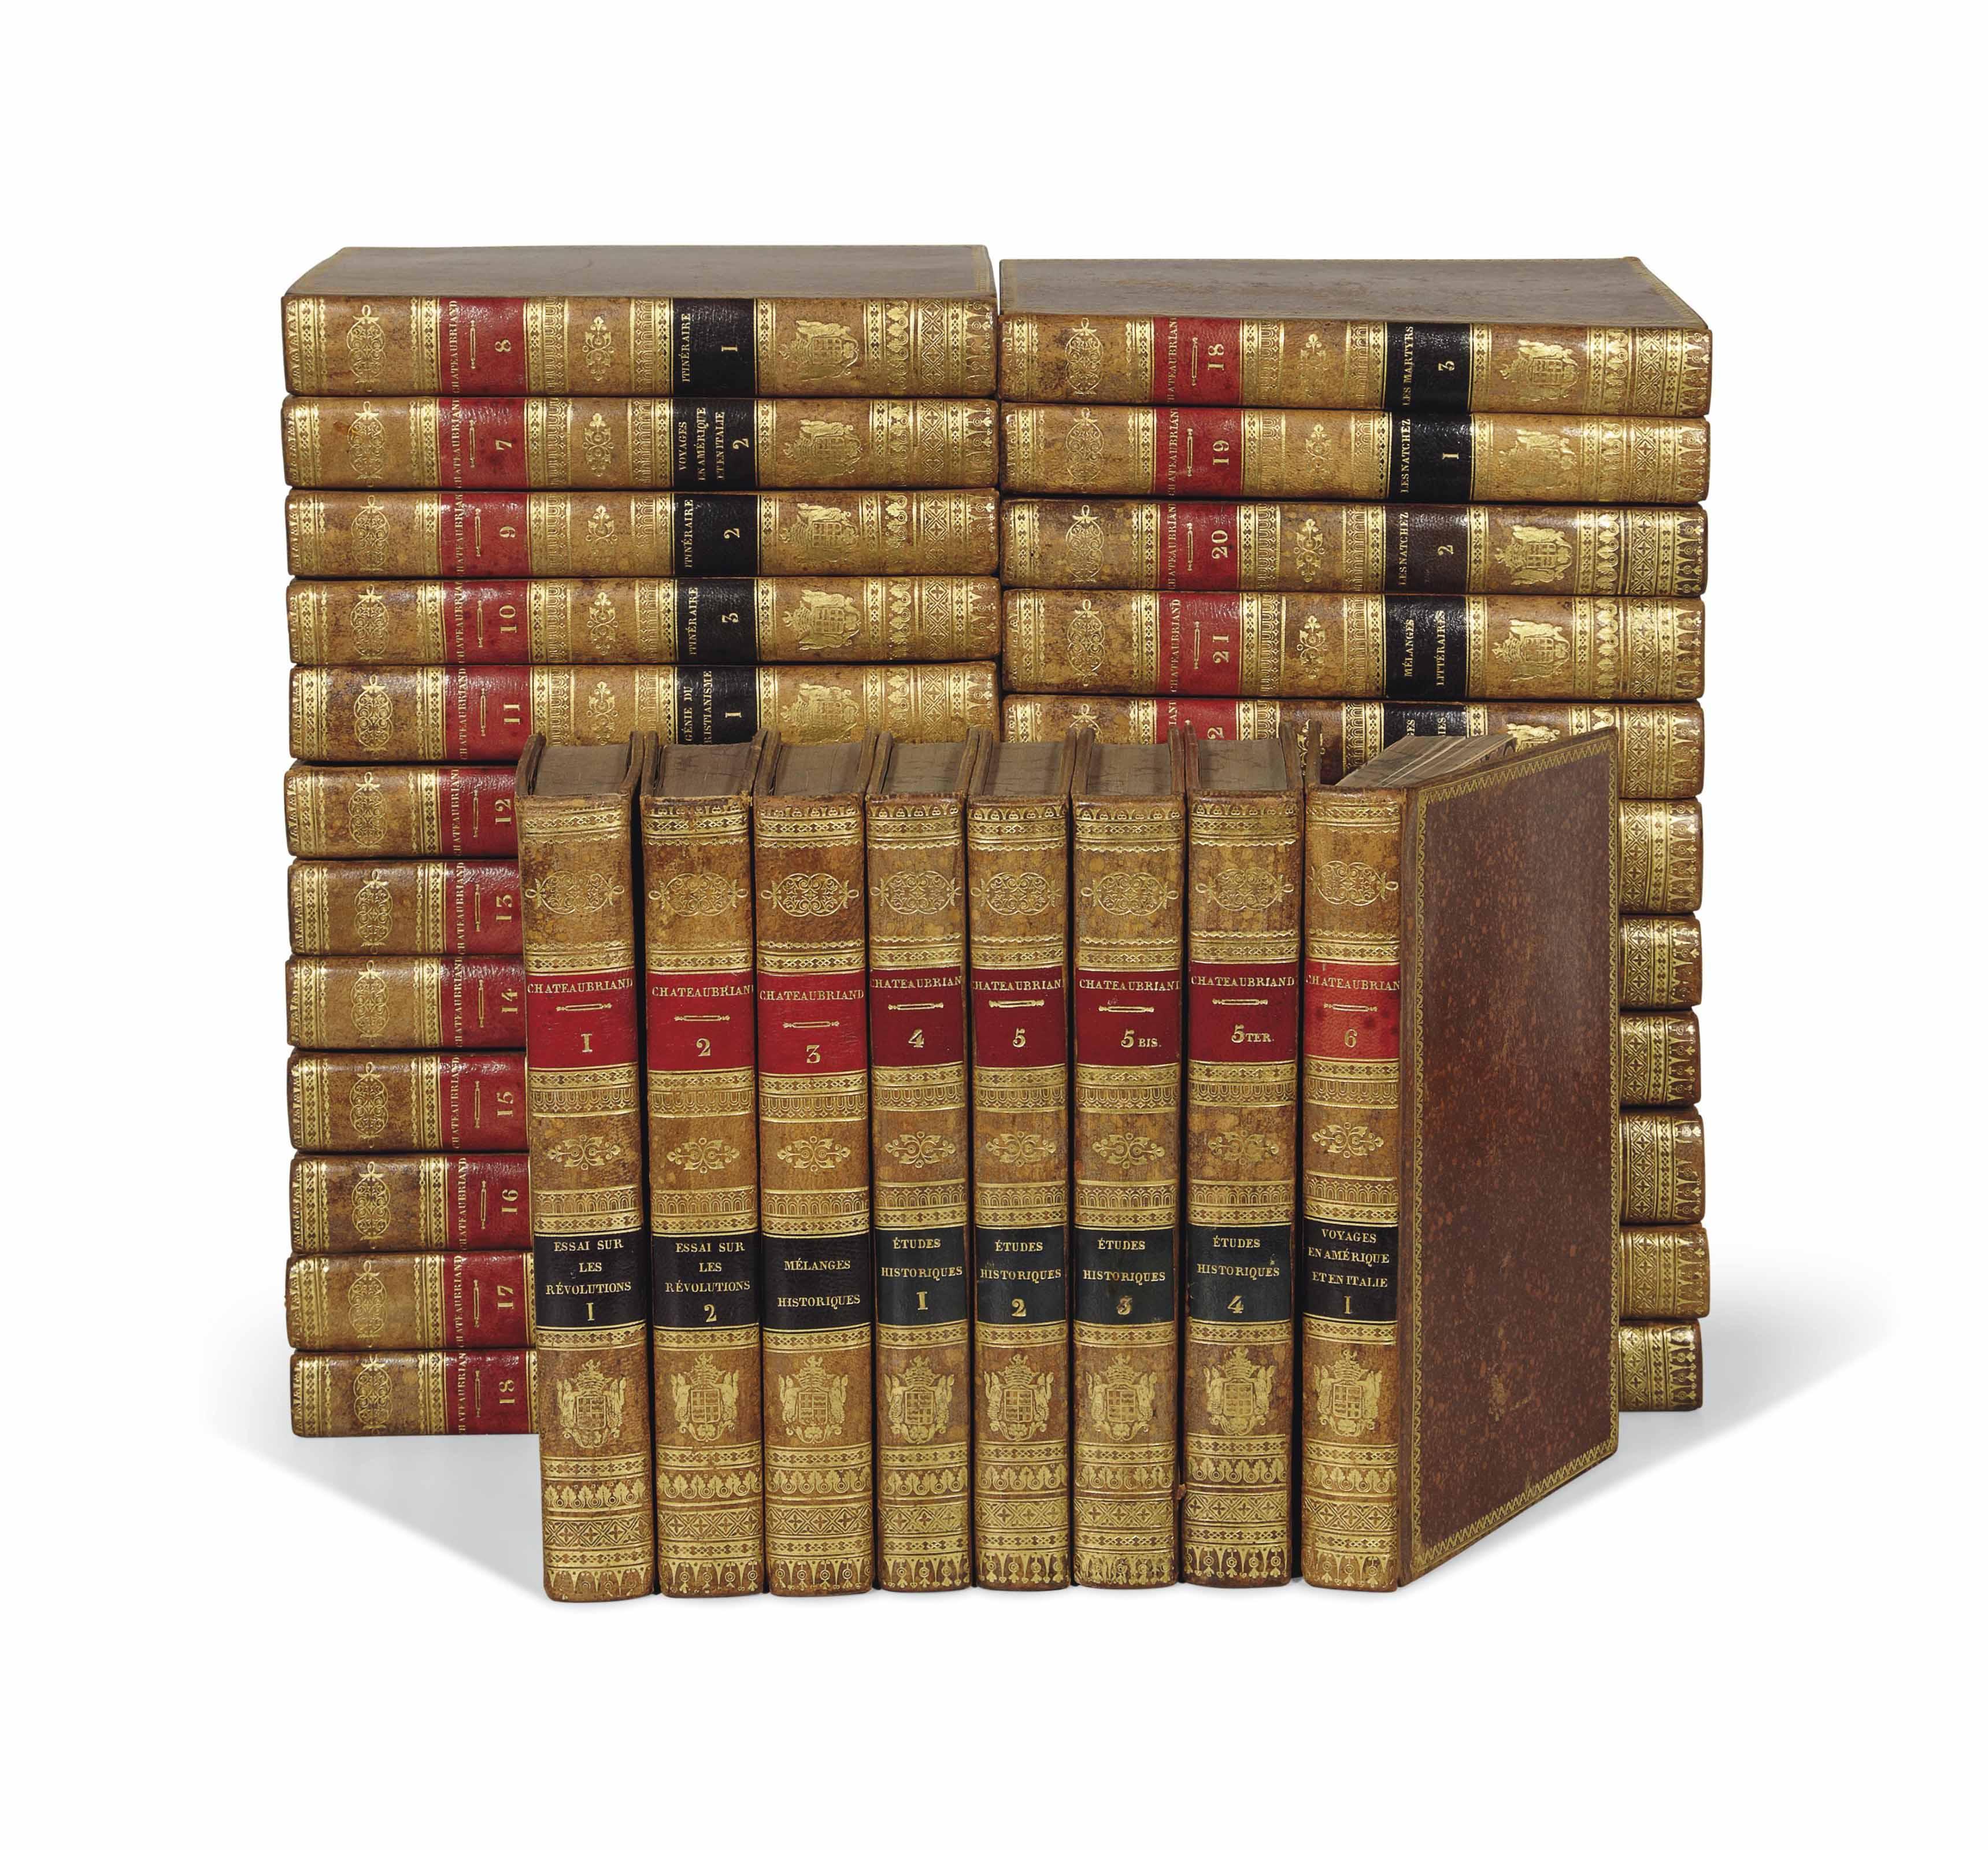 CHATEAUBRIAND, François-René de (1768-1848). Œuvres complètes. Paris : Ladvocat, 1826-1831. 31 volumes in-8 (201 x 122 mm). Un titre gravé par Thomson dans chaque volume. Basane mouchetée de l'époque, roulette dorée en encadrement, dos lisses joliment ornés avec armoiries dorées des marquis de Vérac (OHR 775, fer n° 3).